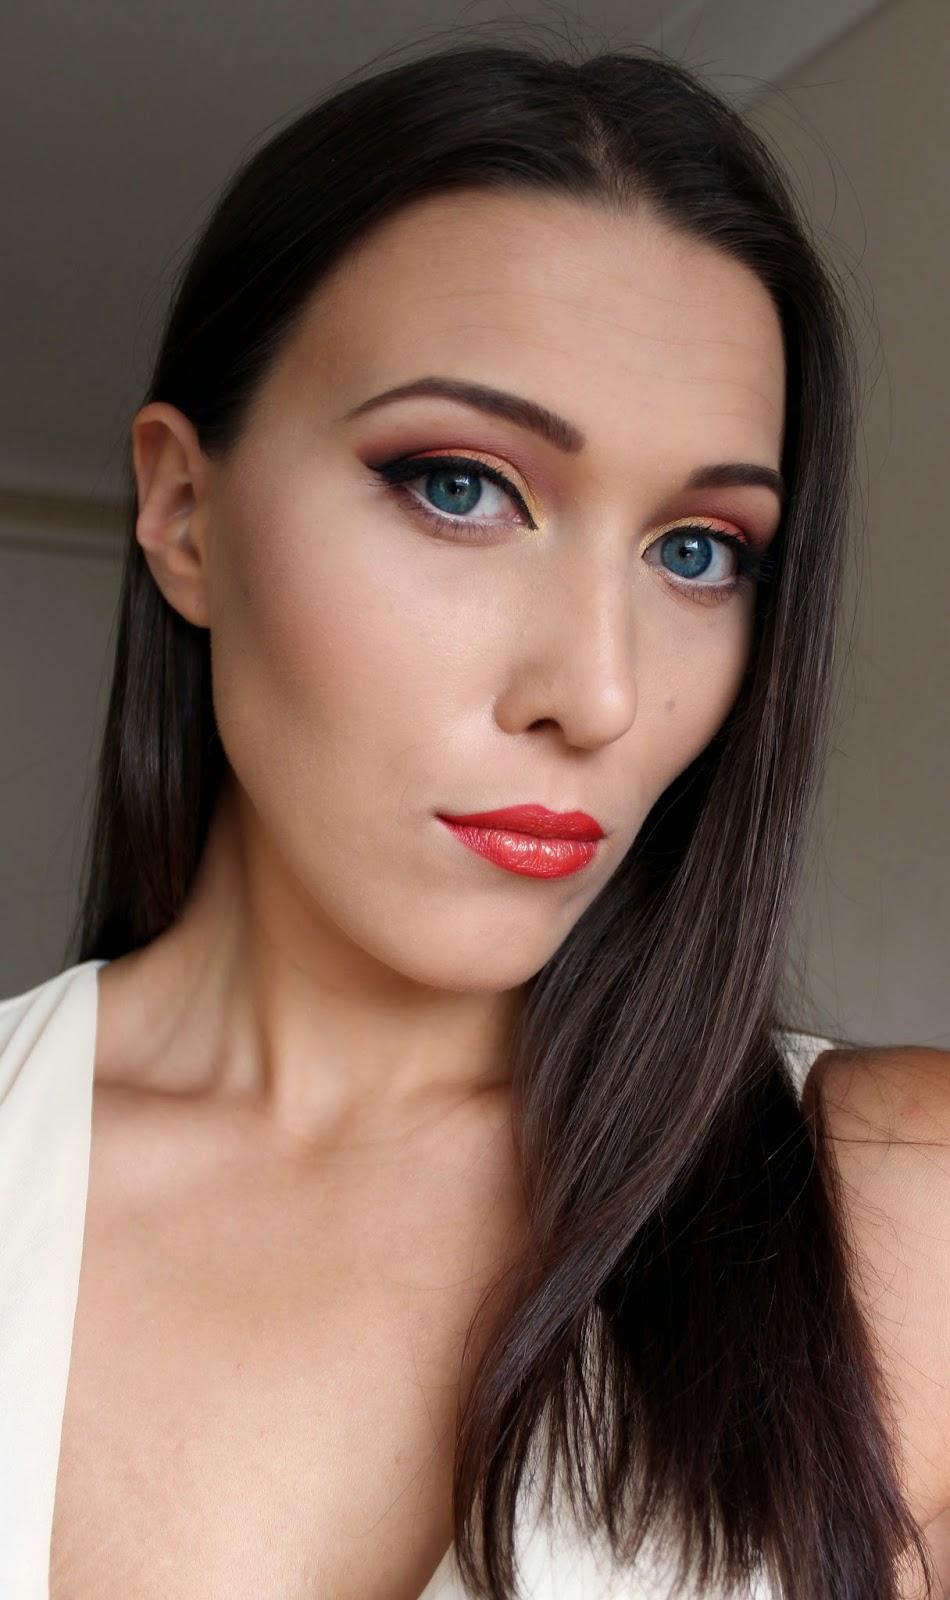 Wedding Guest Eye Makeup Tutorial : Make-up Art by Ingrida Ramanauskaite: Colorful Cat Eye ...